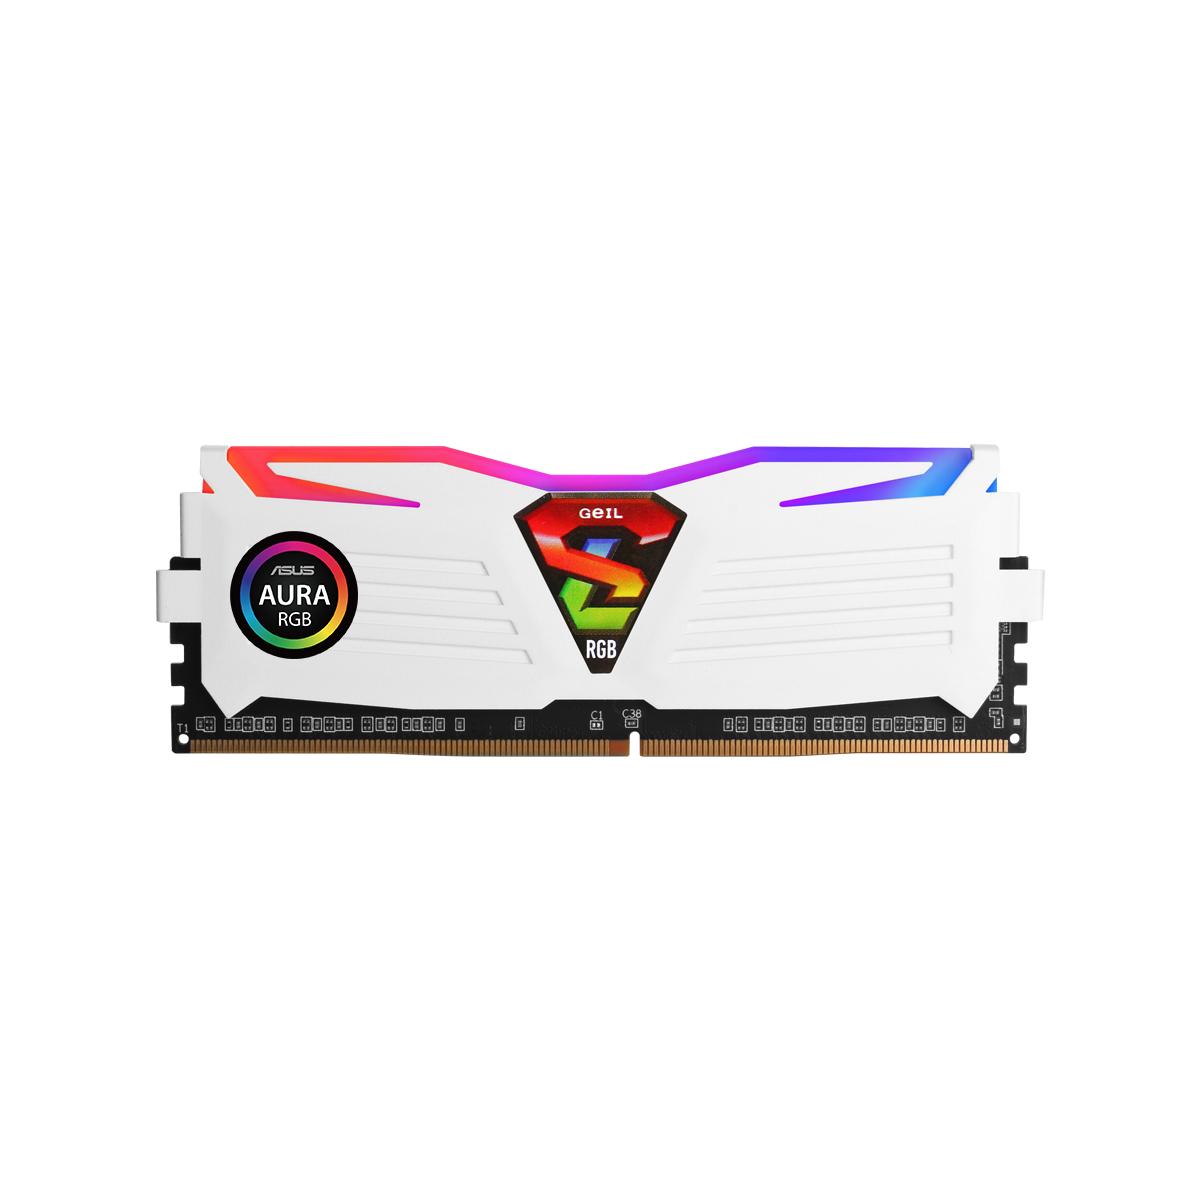 GeIL DDR4 16G PC4-25600 CL22 SUPER LUCE RGB Sync 화이트